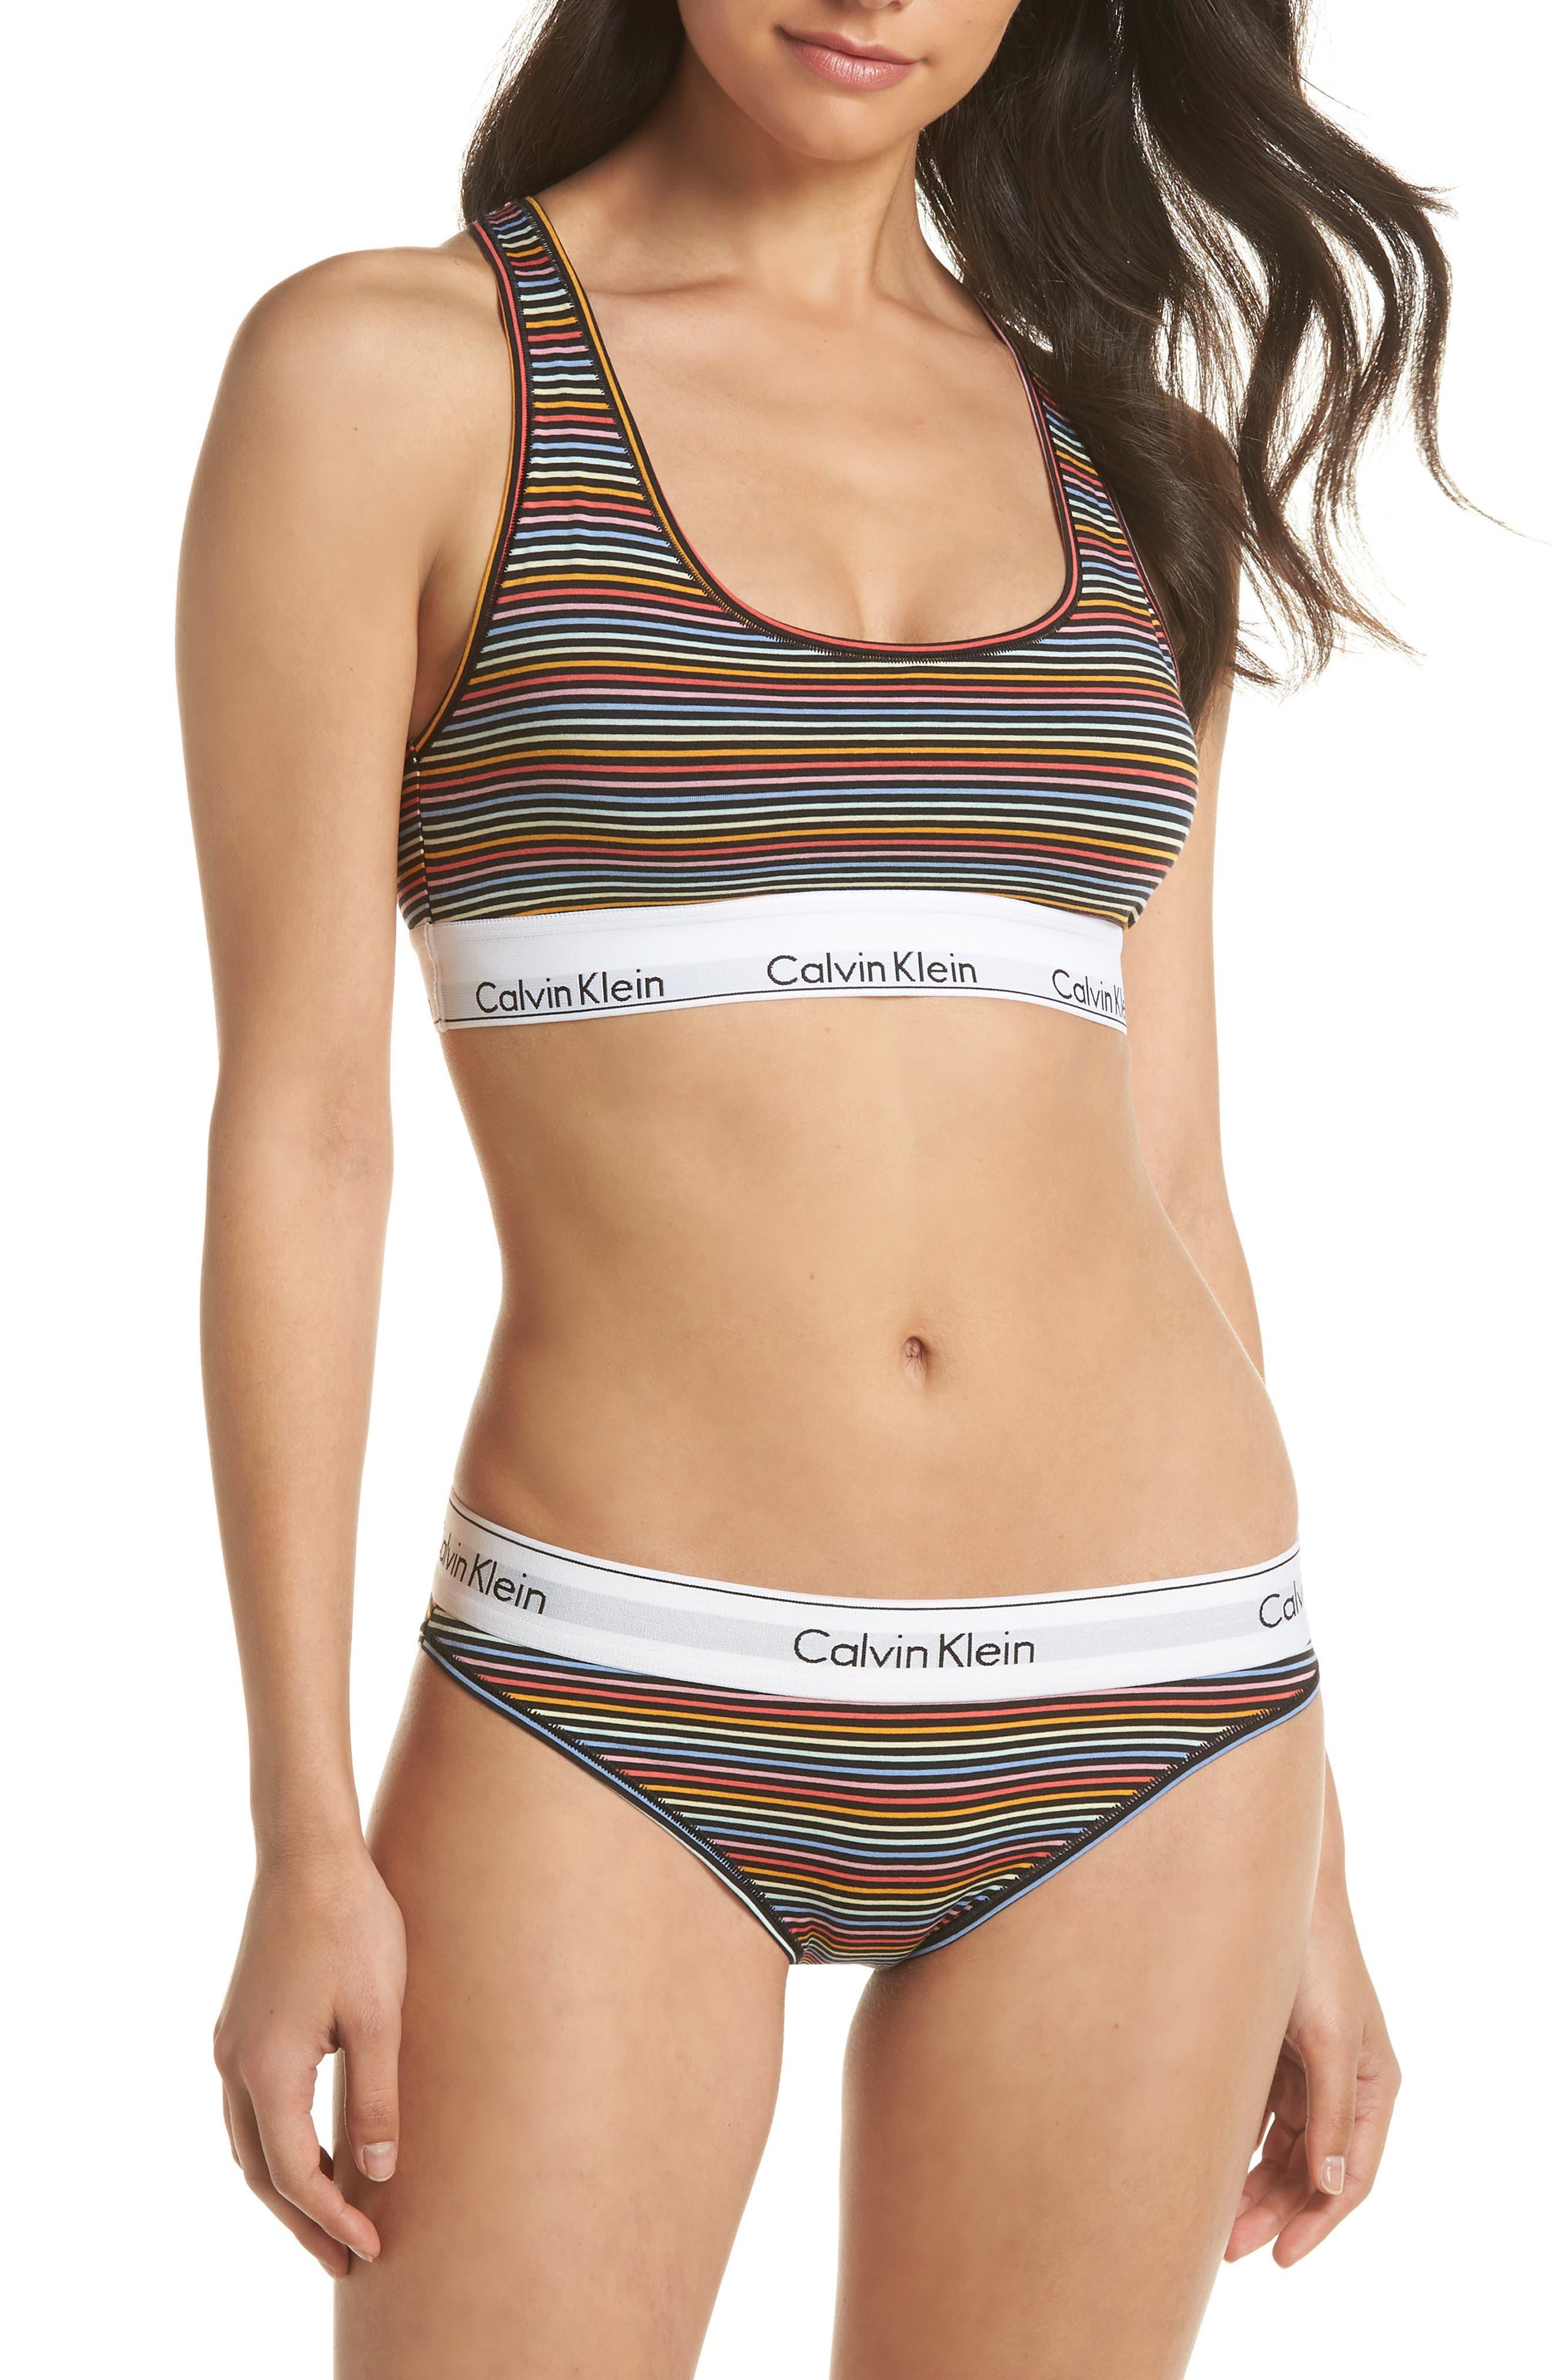 'Modern Cotton Collection' Cotton Blend Bikini,                             Alternate thumbnail 4, color,                             Prism Stripe Black